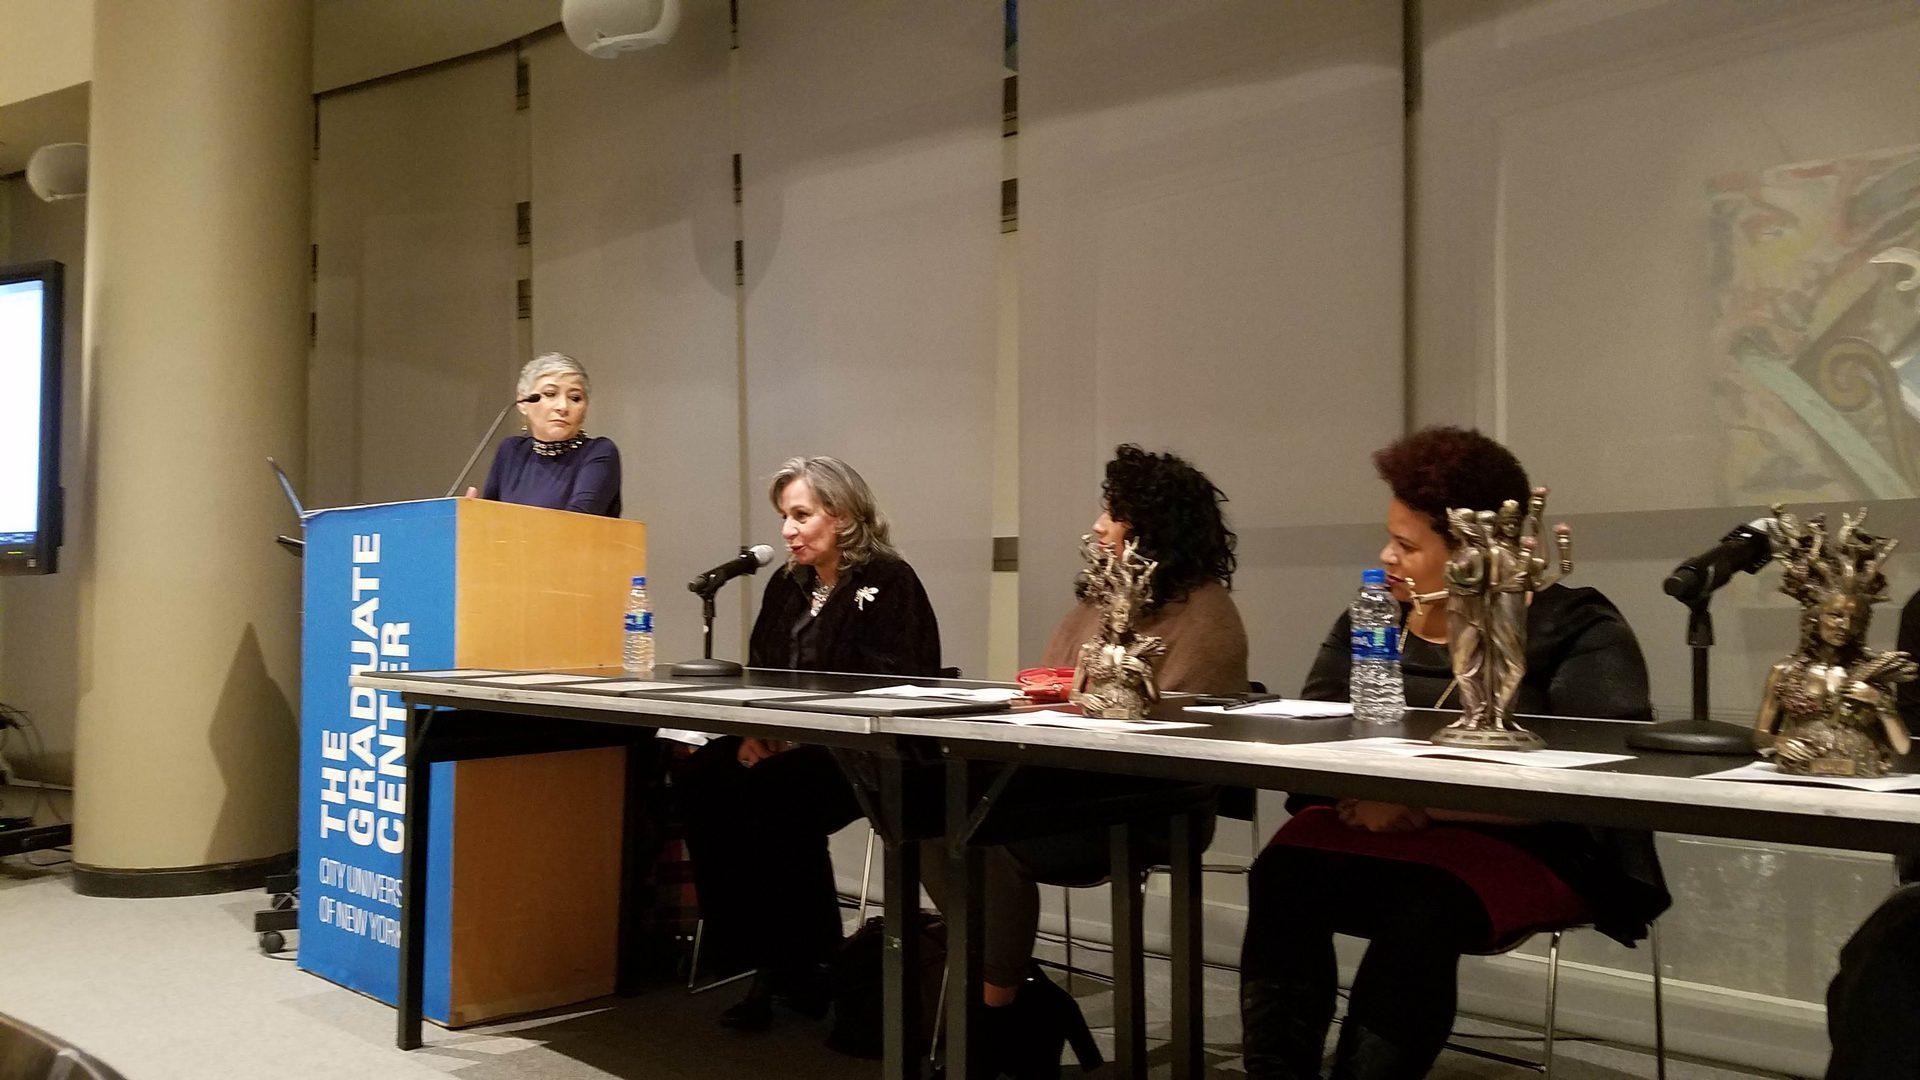 Women speaking as a panel